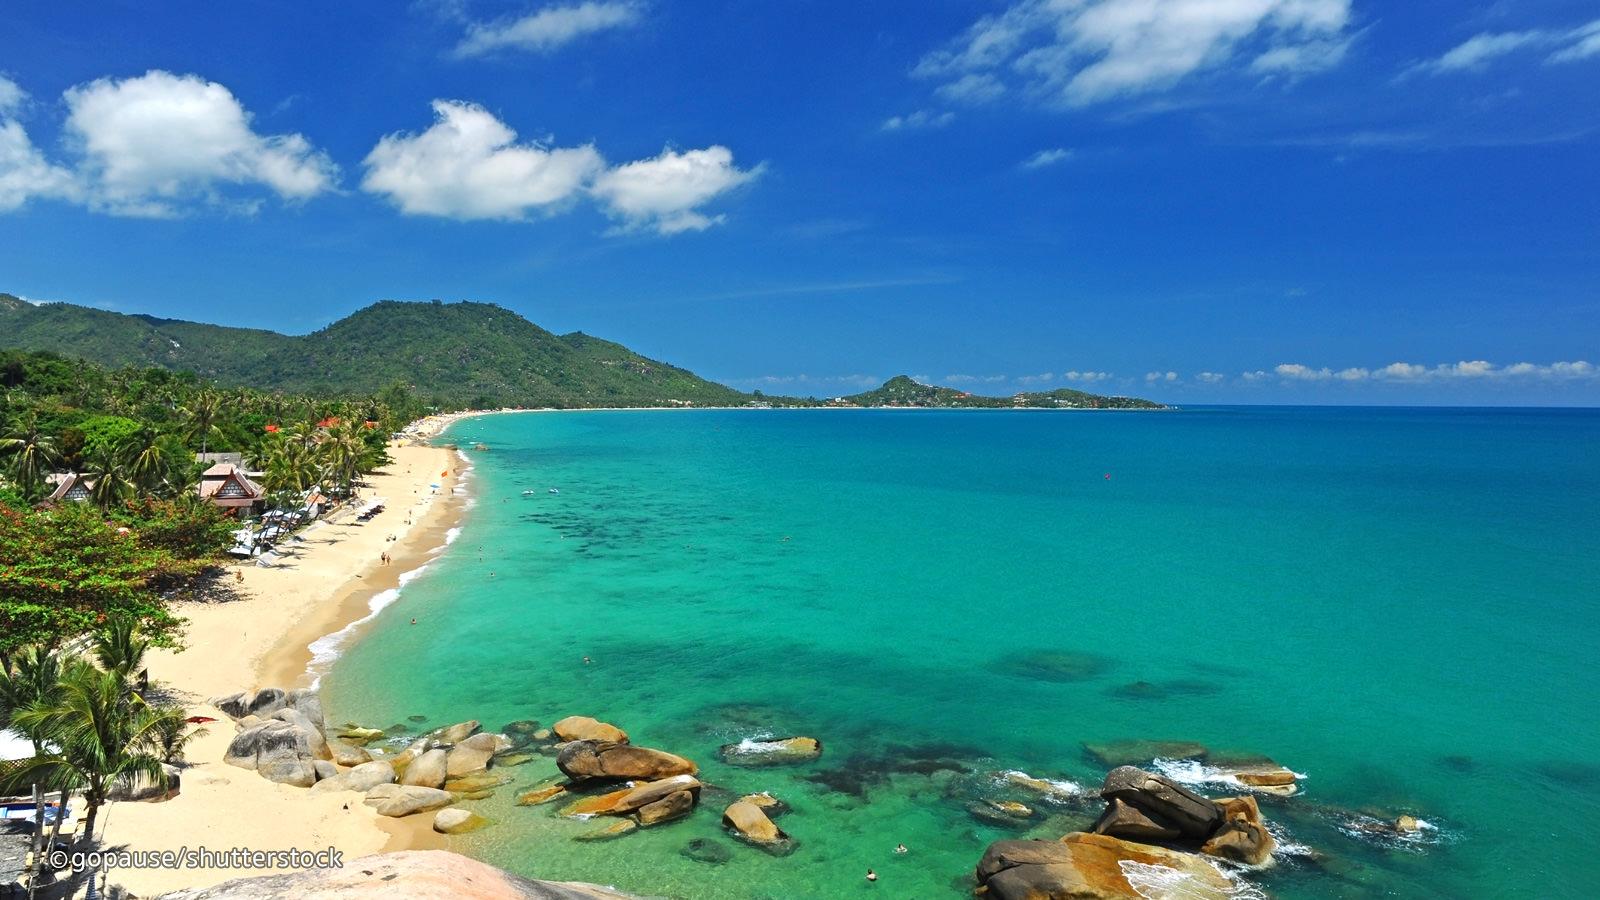 Conciergerie services koh samui beach lamai